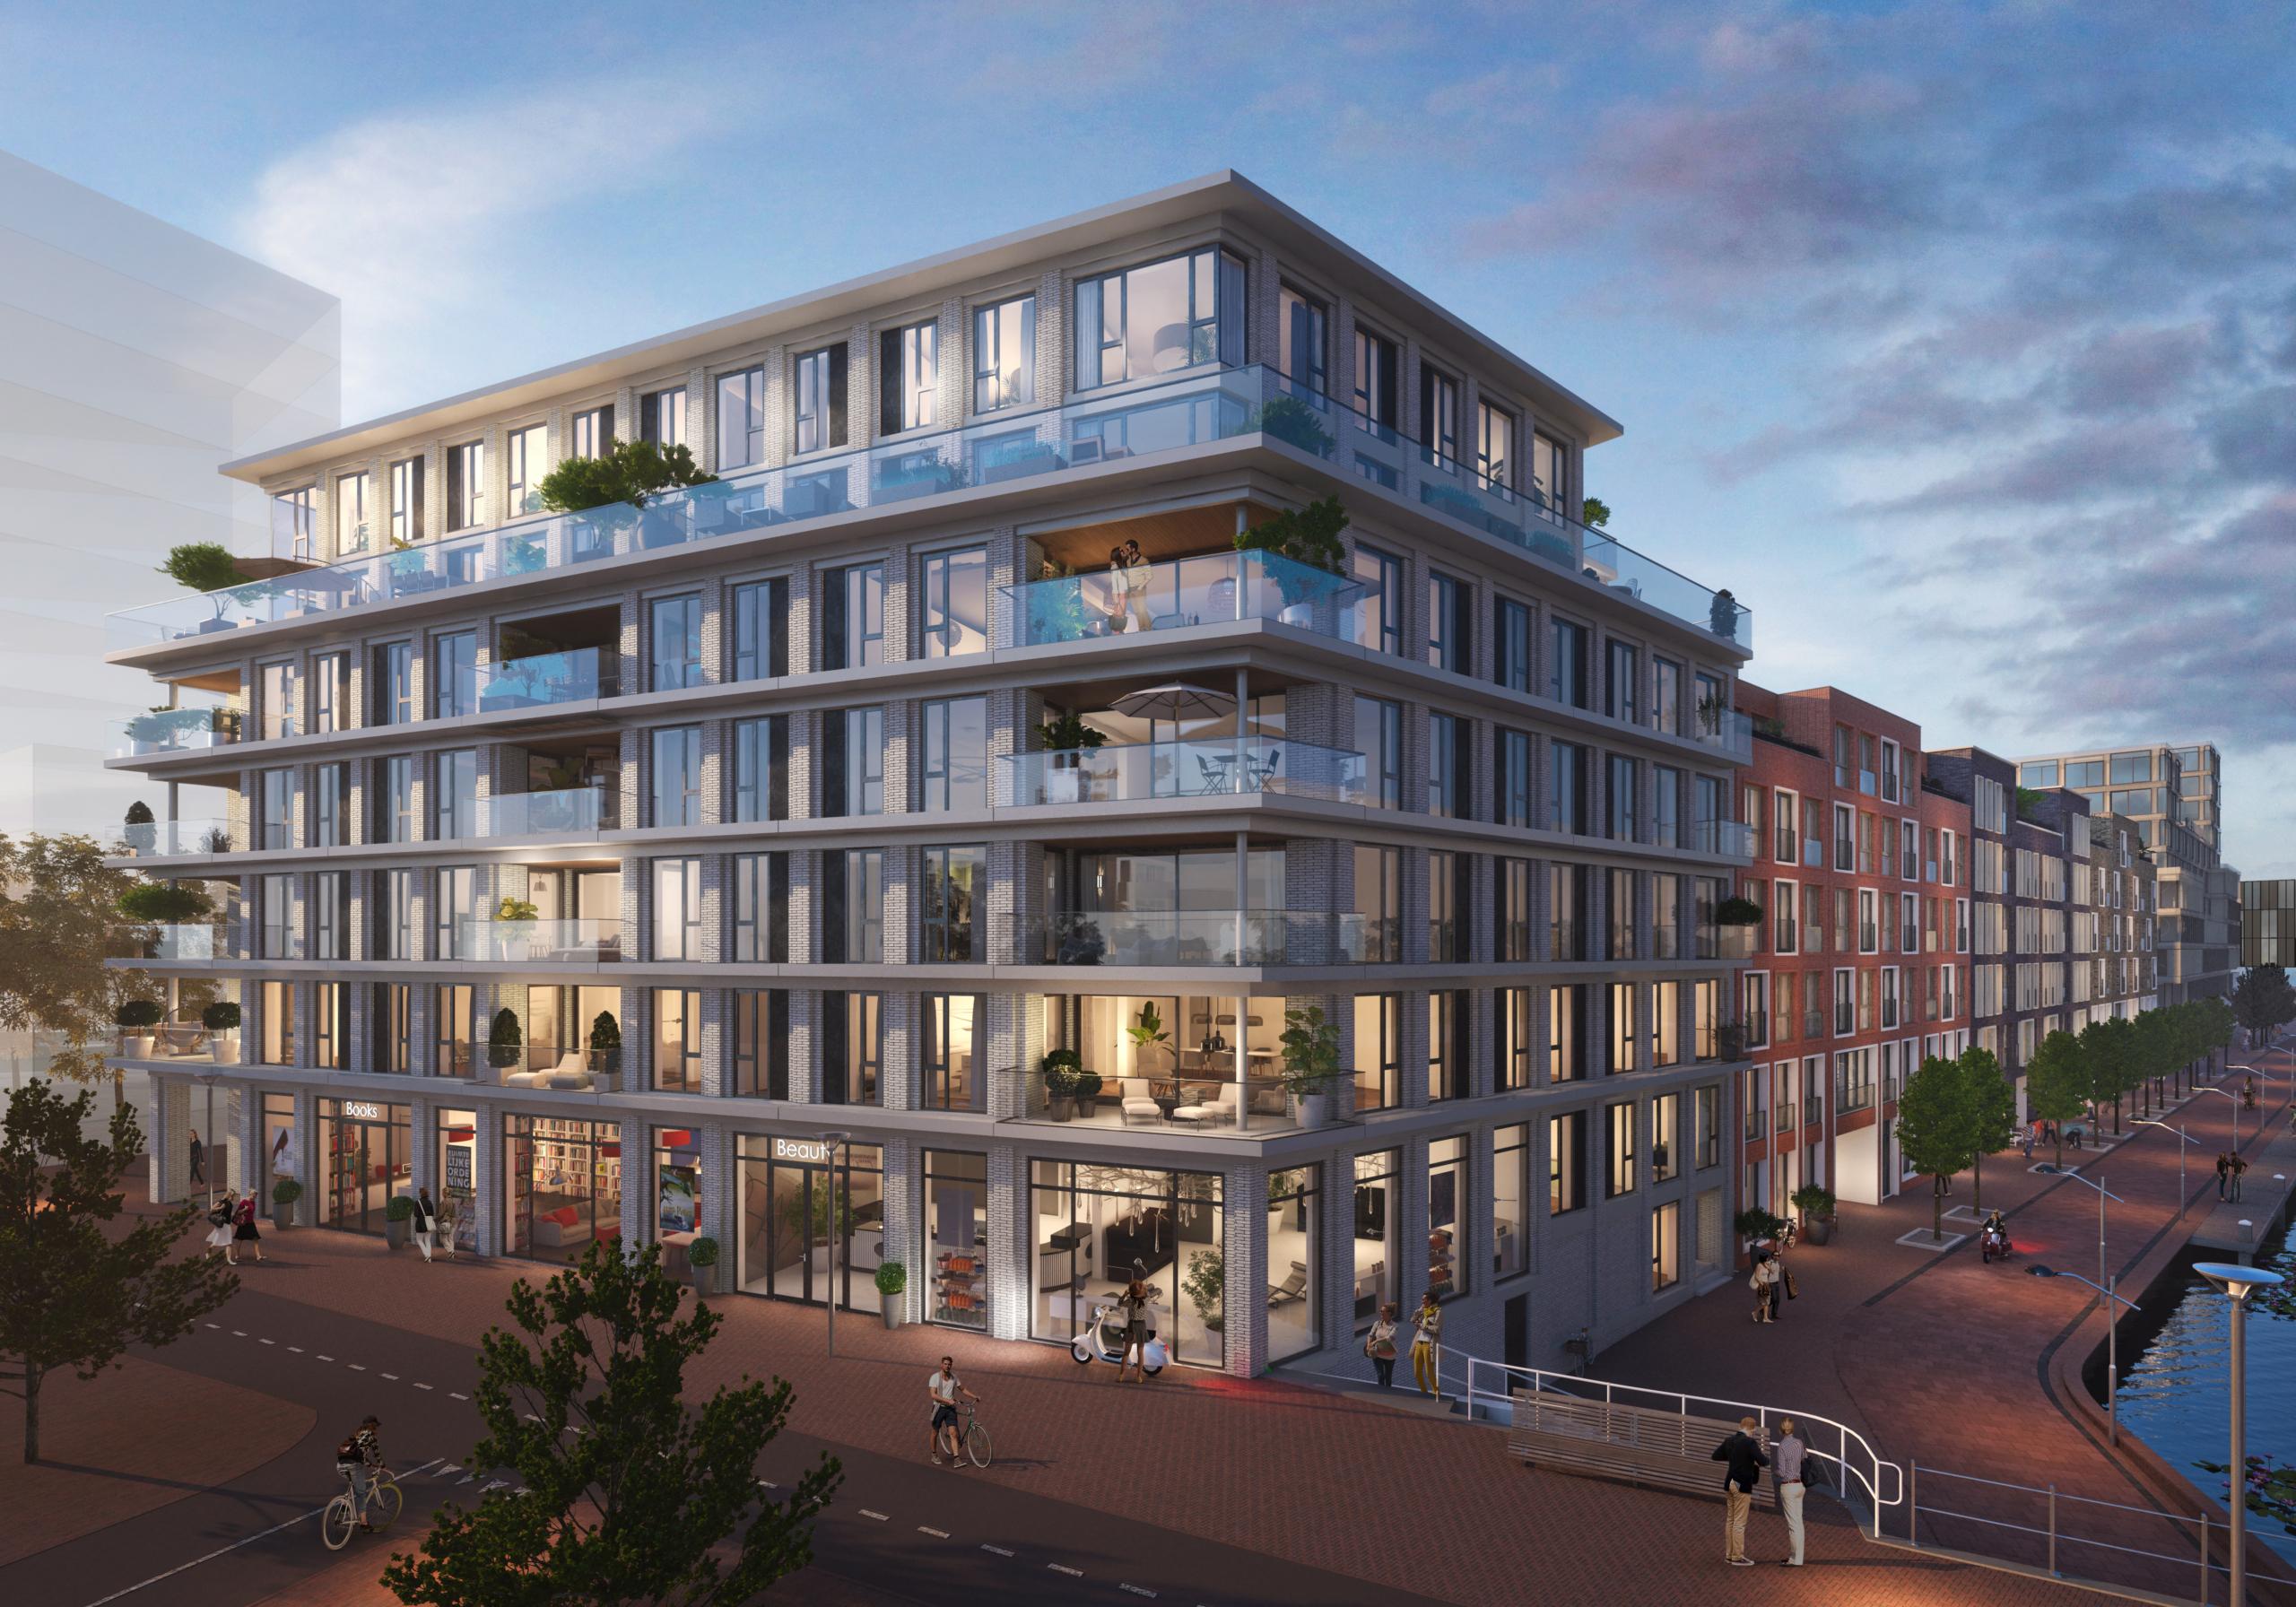 impressie van het gebouw gezicht op delft in nieuw delft, appartementegebouw met 5 lagen